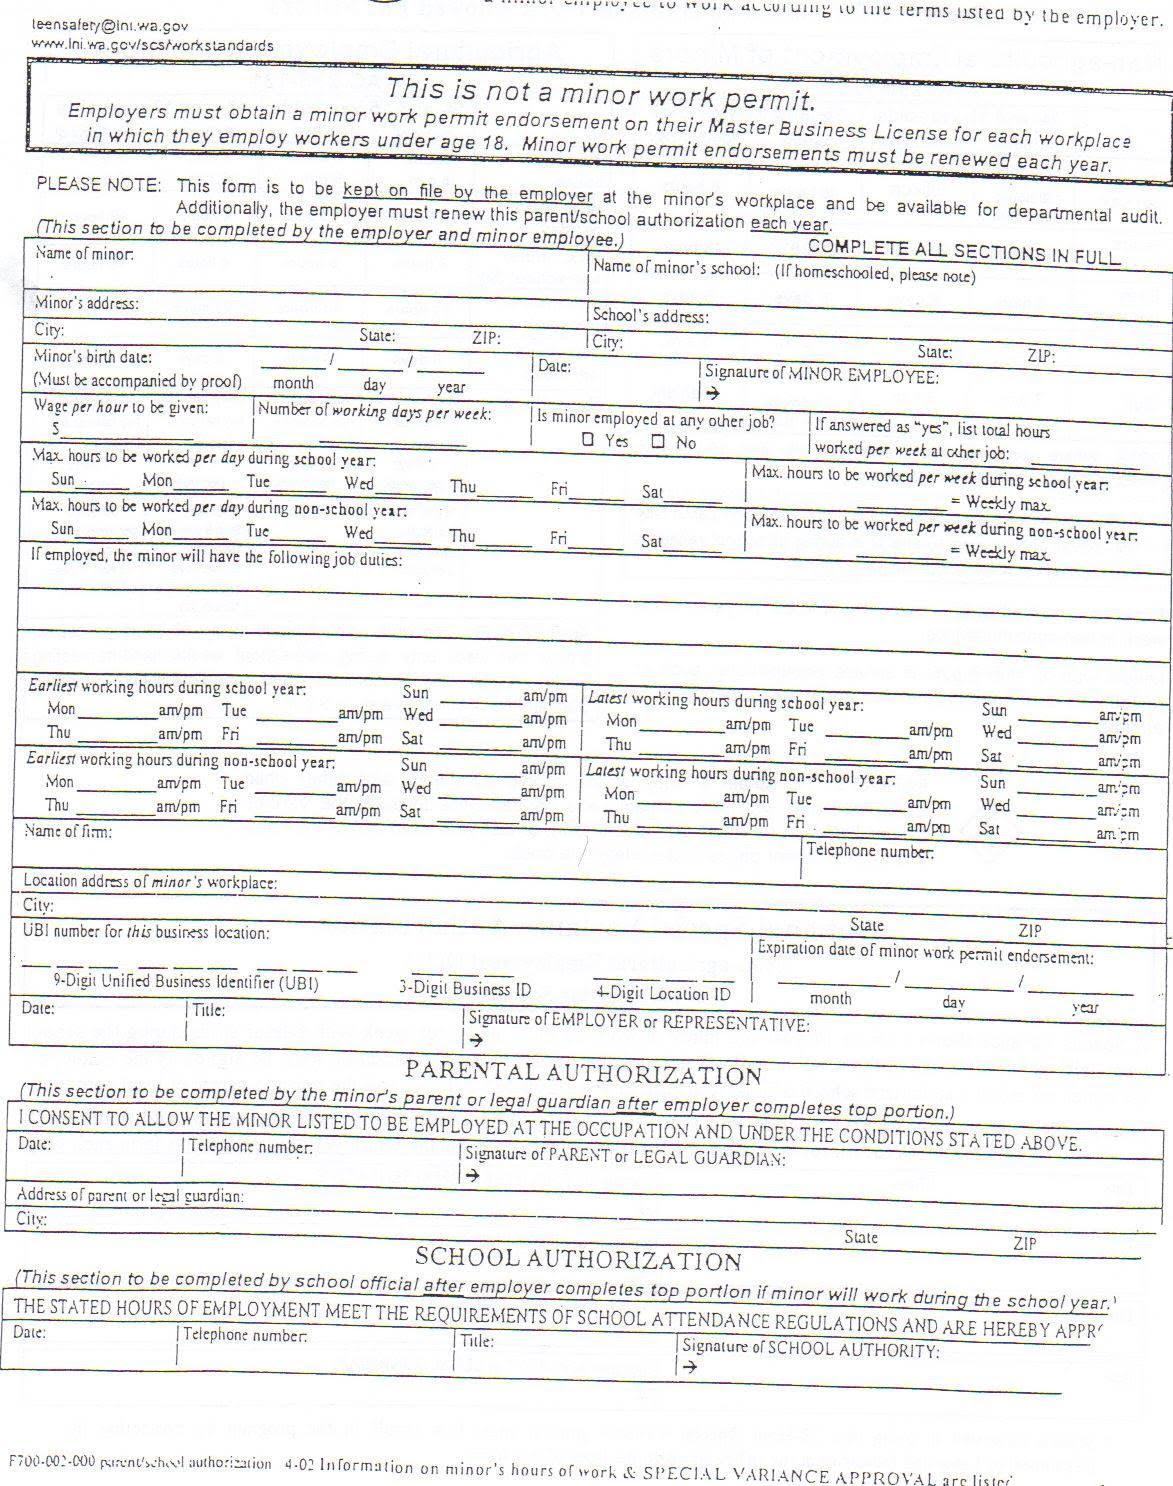 Parent authorization form